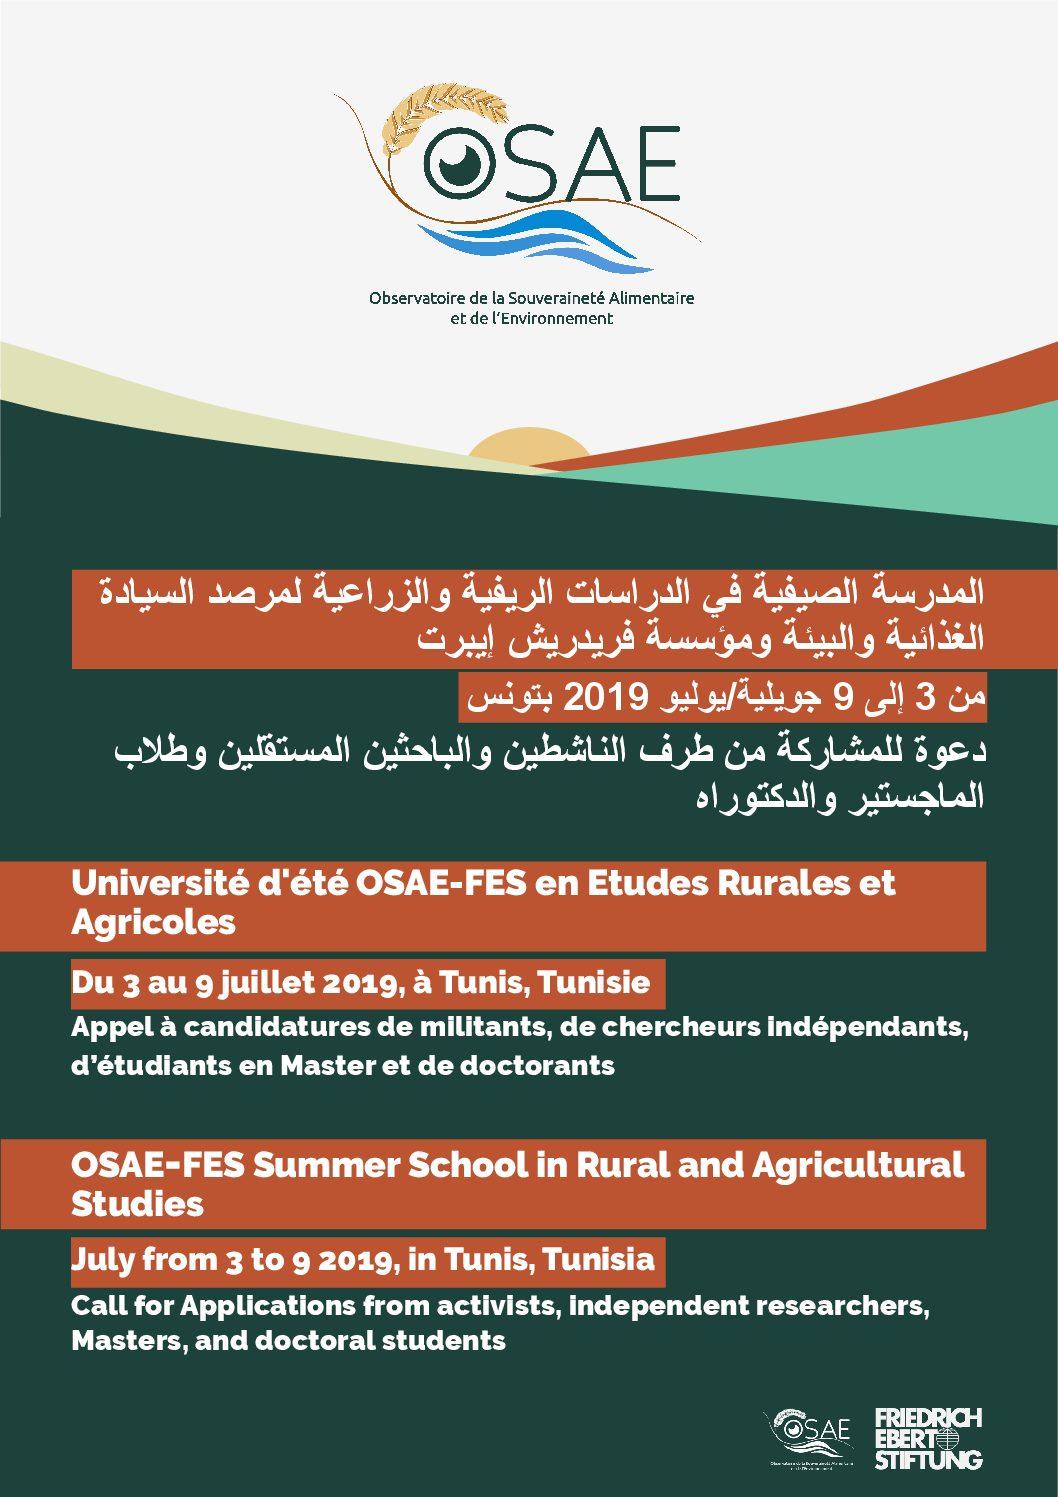 المدرسة الصيفية في الدراسات الريفية والزراعية لمرصد السيادة الغذائية والبيئة ومؤسسة فريدريش إيبرت 4